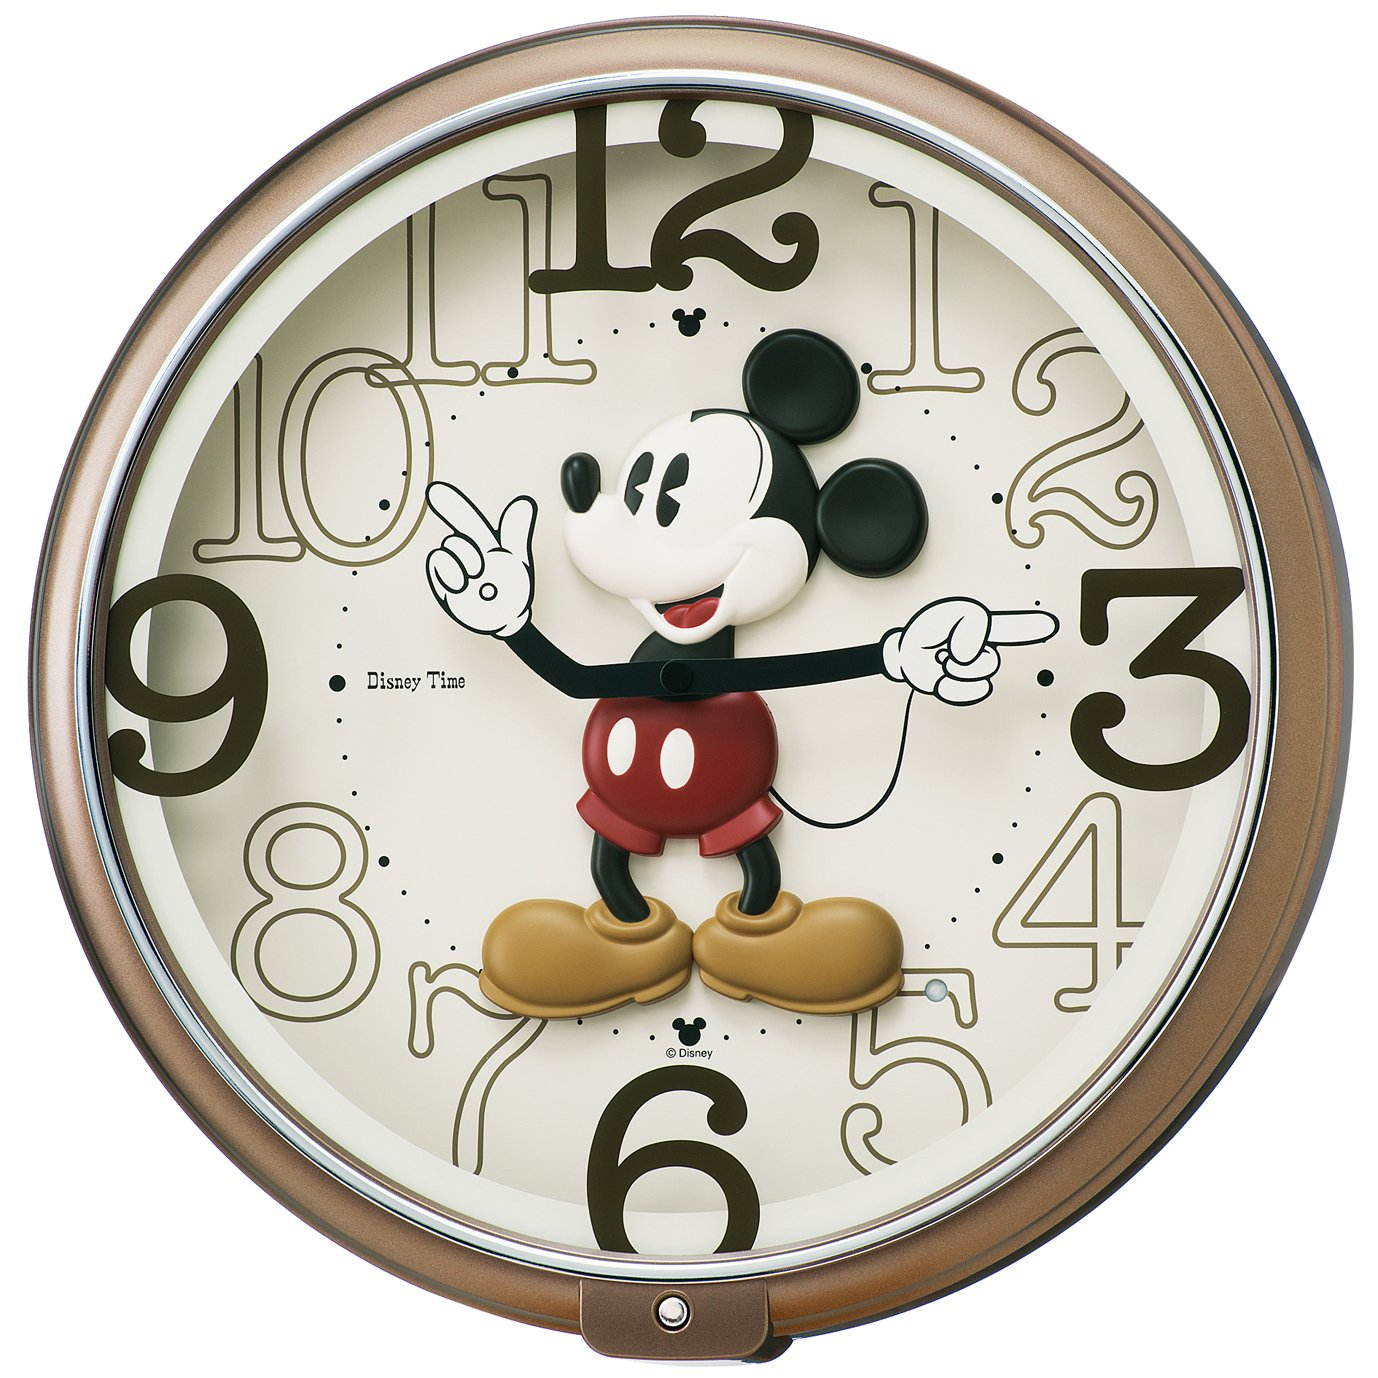 セイコー クロック 掛け時計 ミッキーマウス アナログ 6曲 メロディ ミッキー&フレンズ Disney Time ディズニータイム 茶 メタリック FW576B SEIKO B015CELP0W